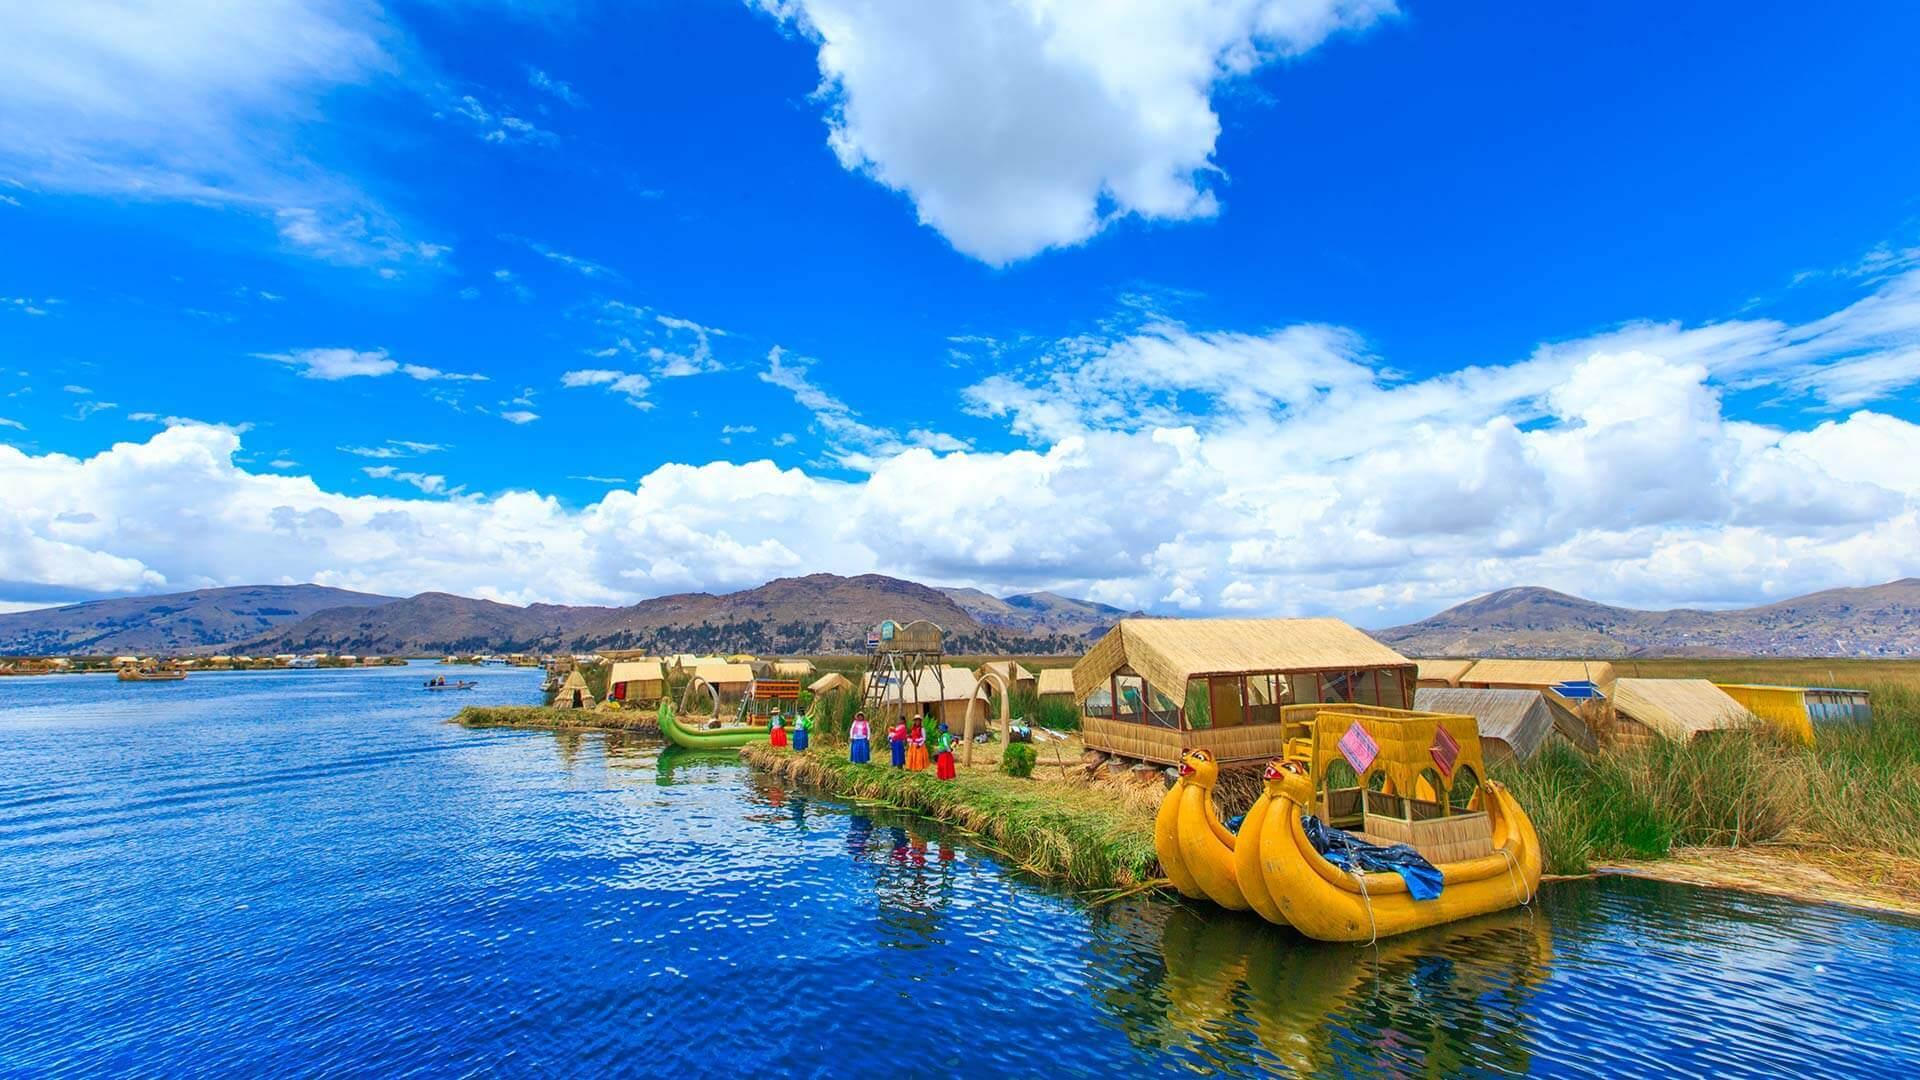 Îles Uros sur le lac Titicaca au Pérou